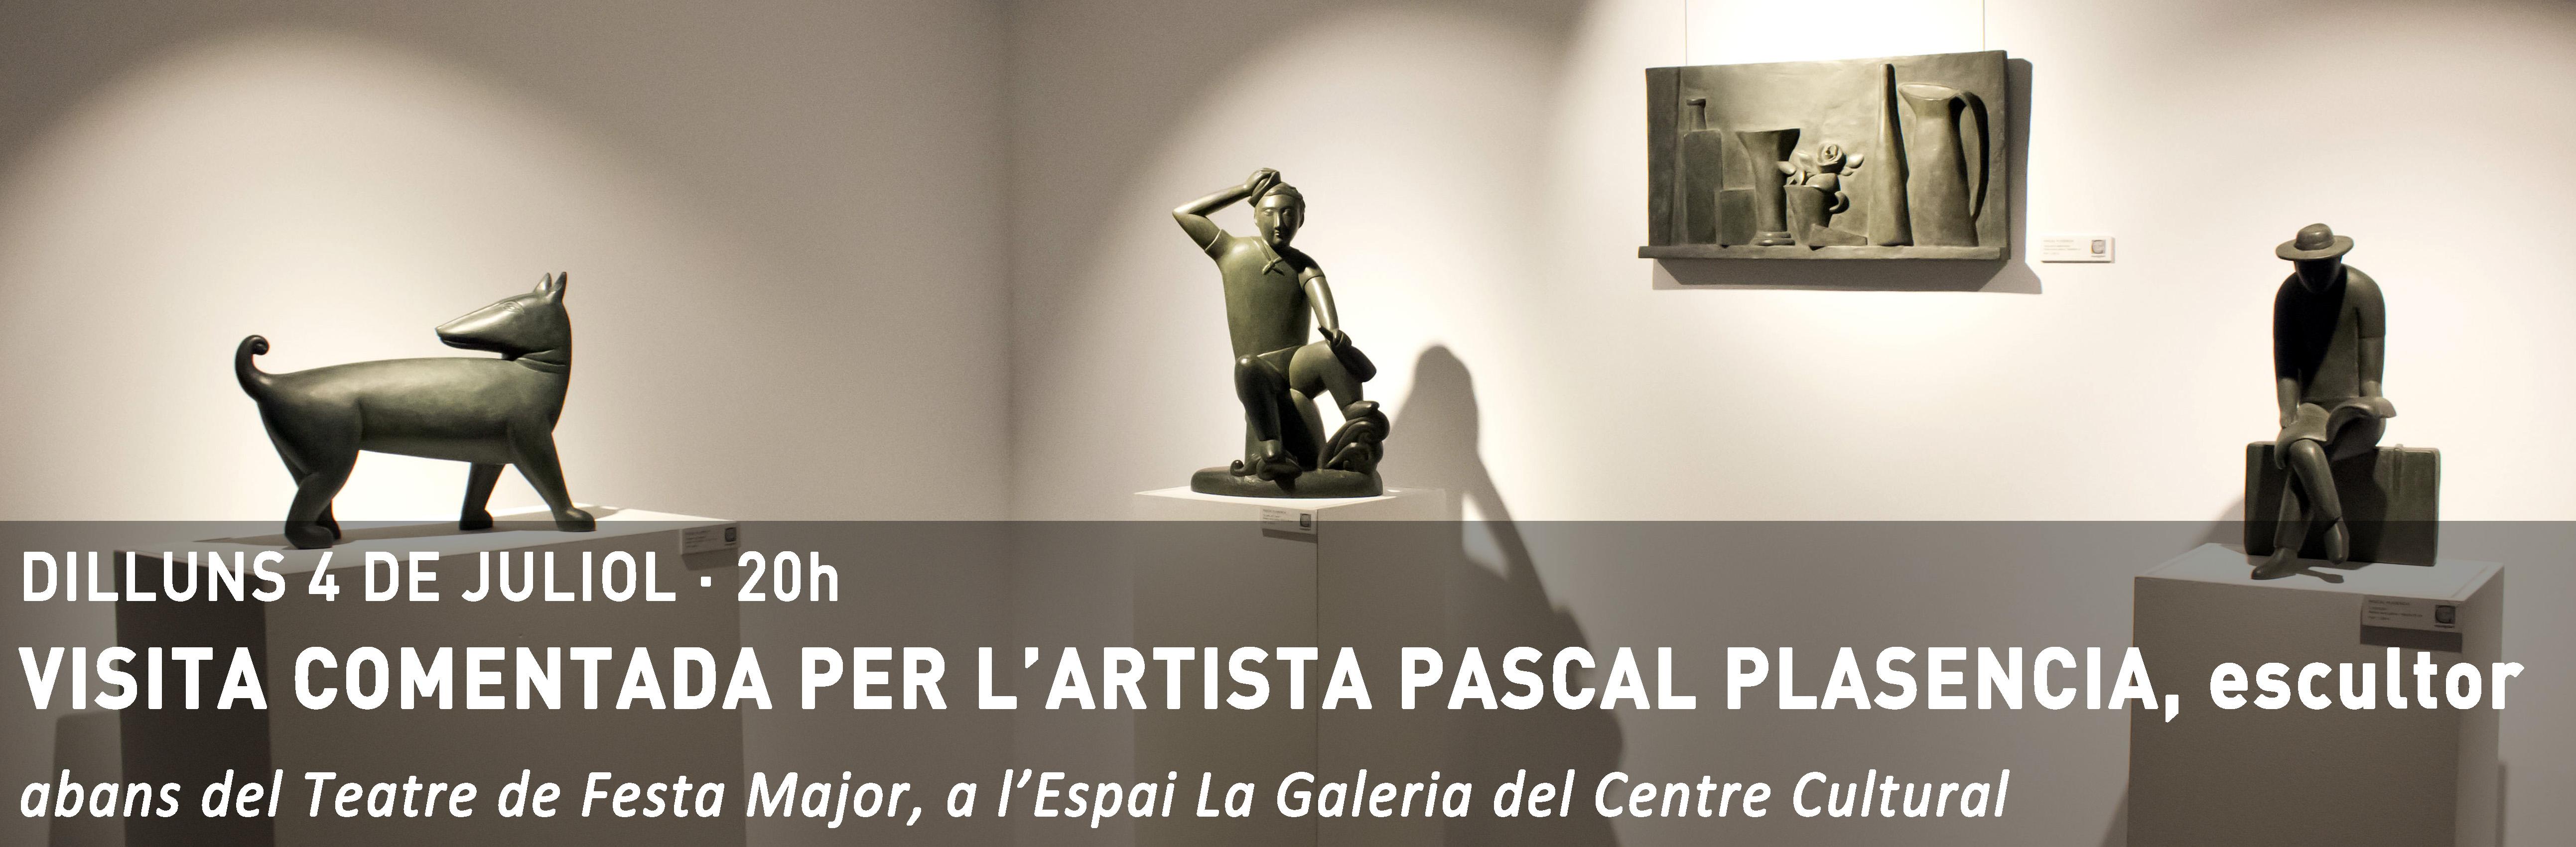 http://www.fundacioct.cat/exposicio/pascal-plasencia-escultura/